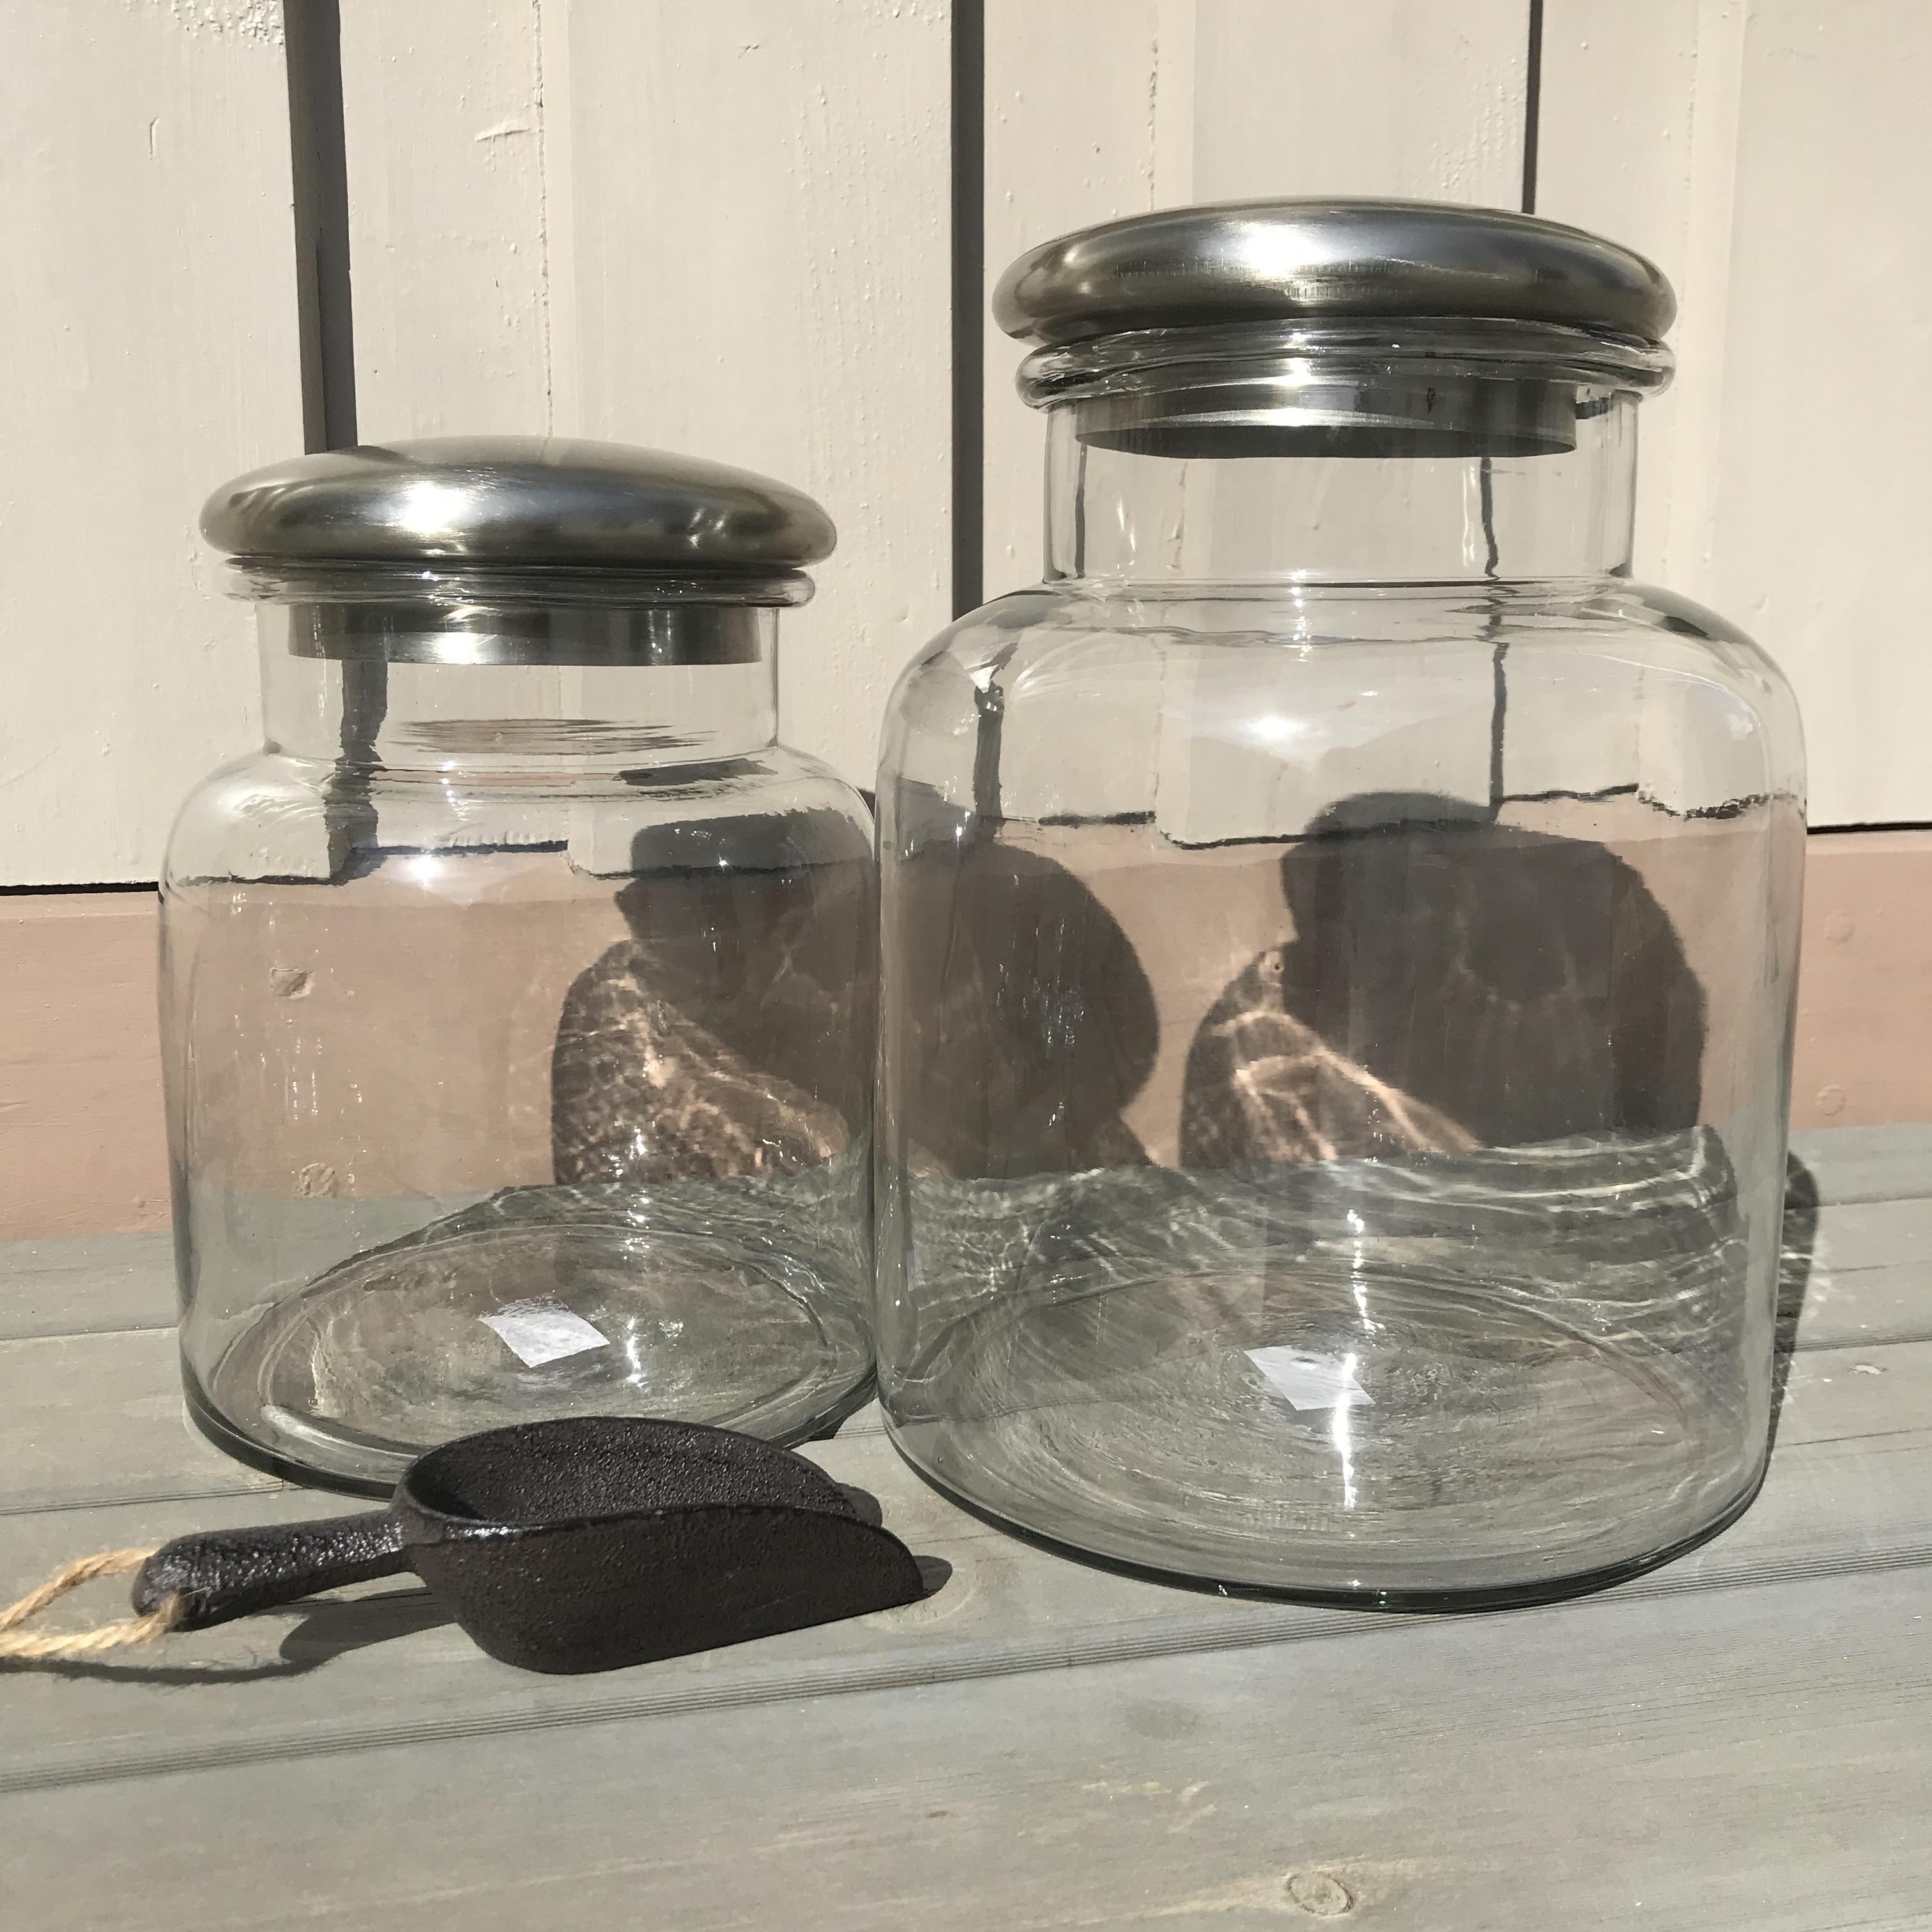 BELLA : glasskrukke med lokk